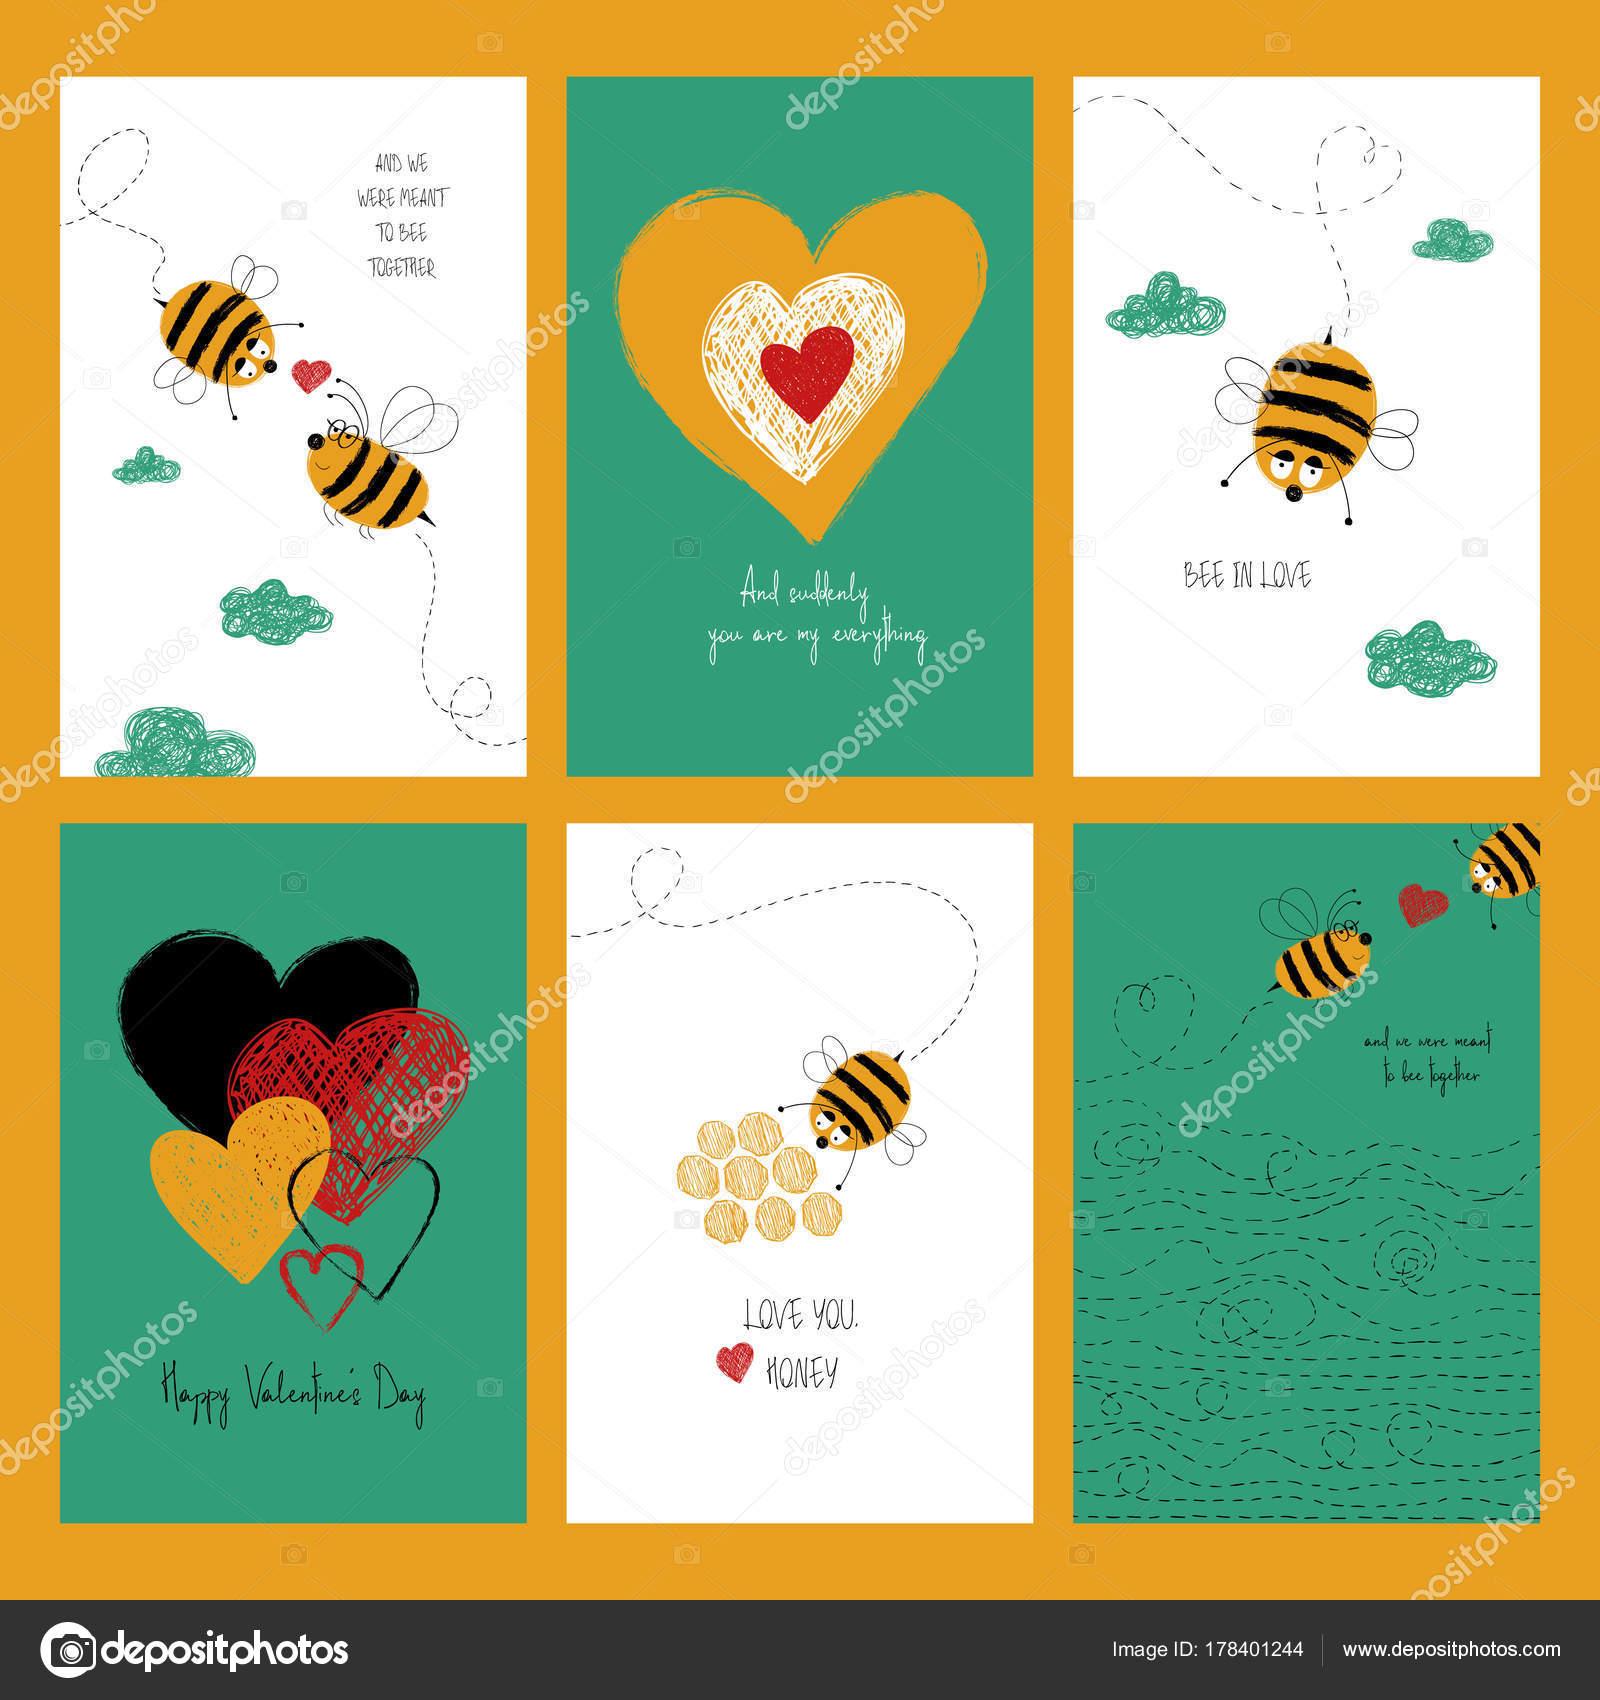 Imagenes Abejas Animadas Con Frases Juego De Cartas De Amor Con